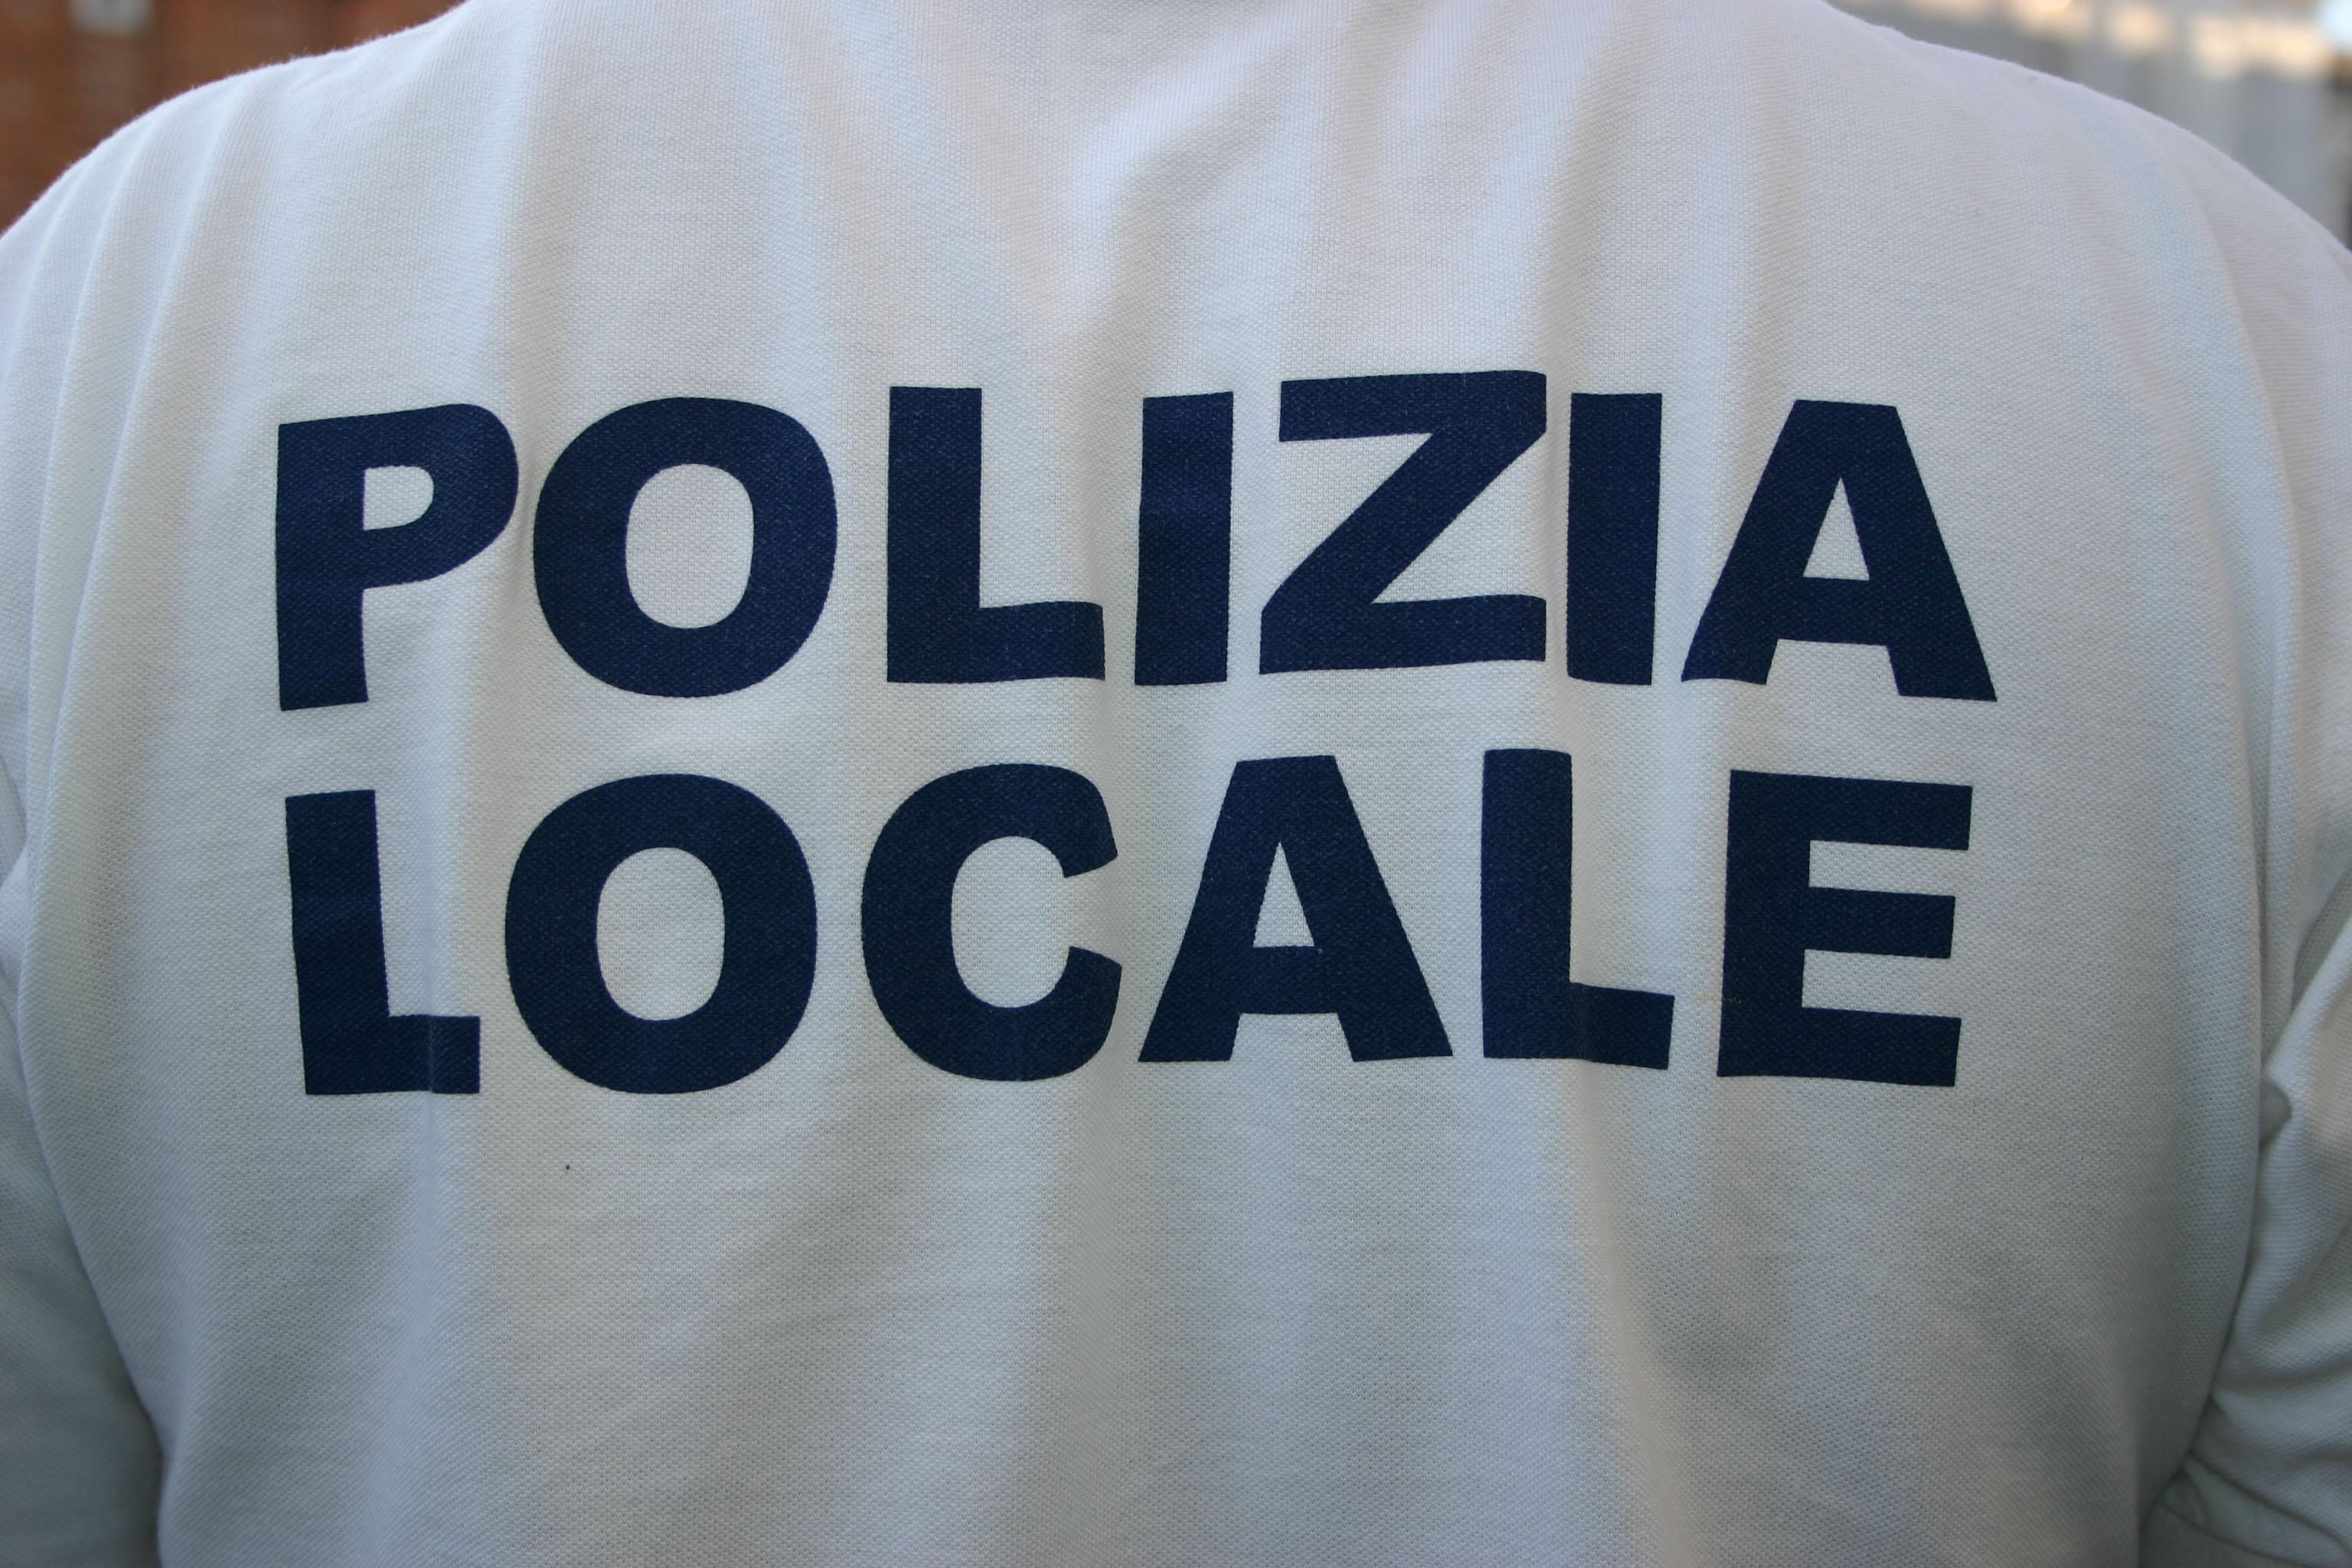 maglia polizia locale